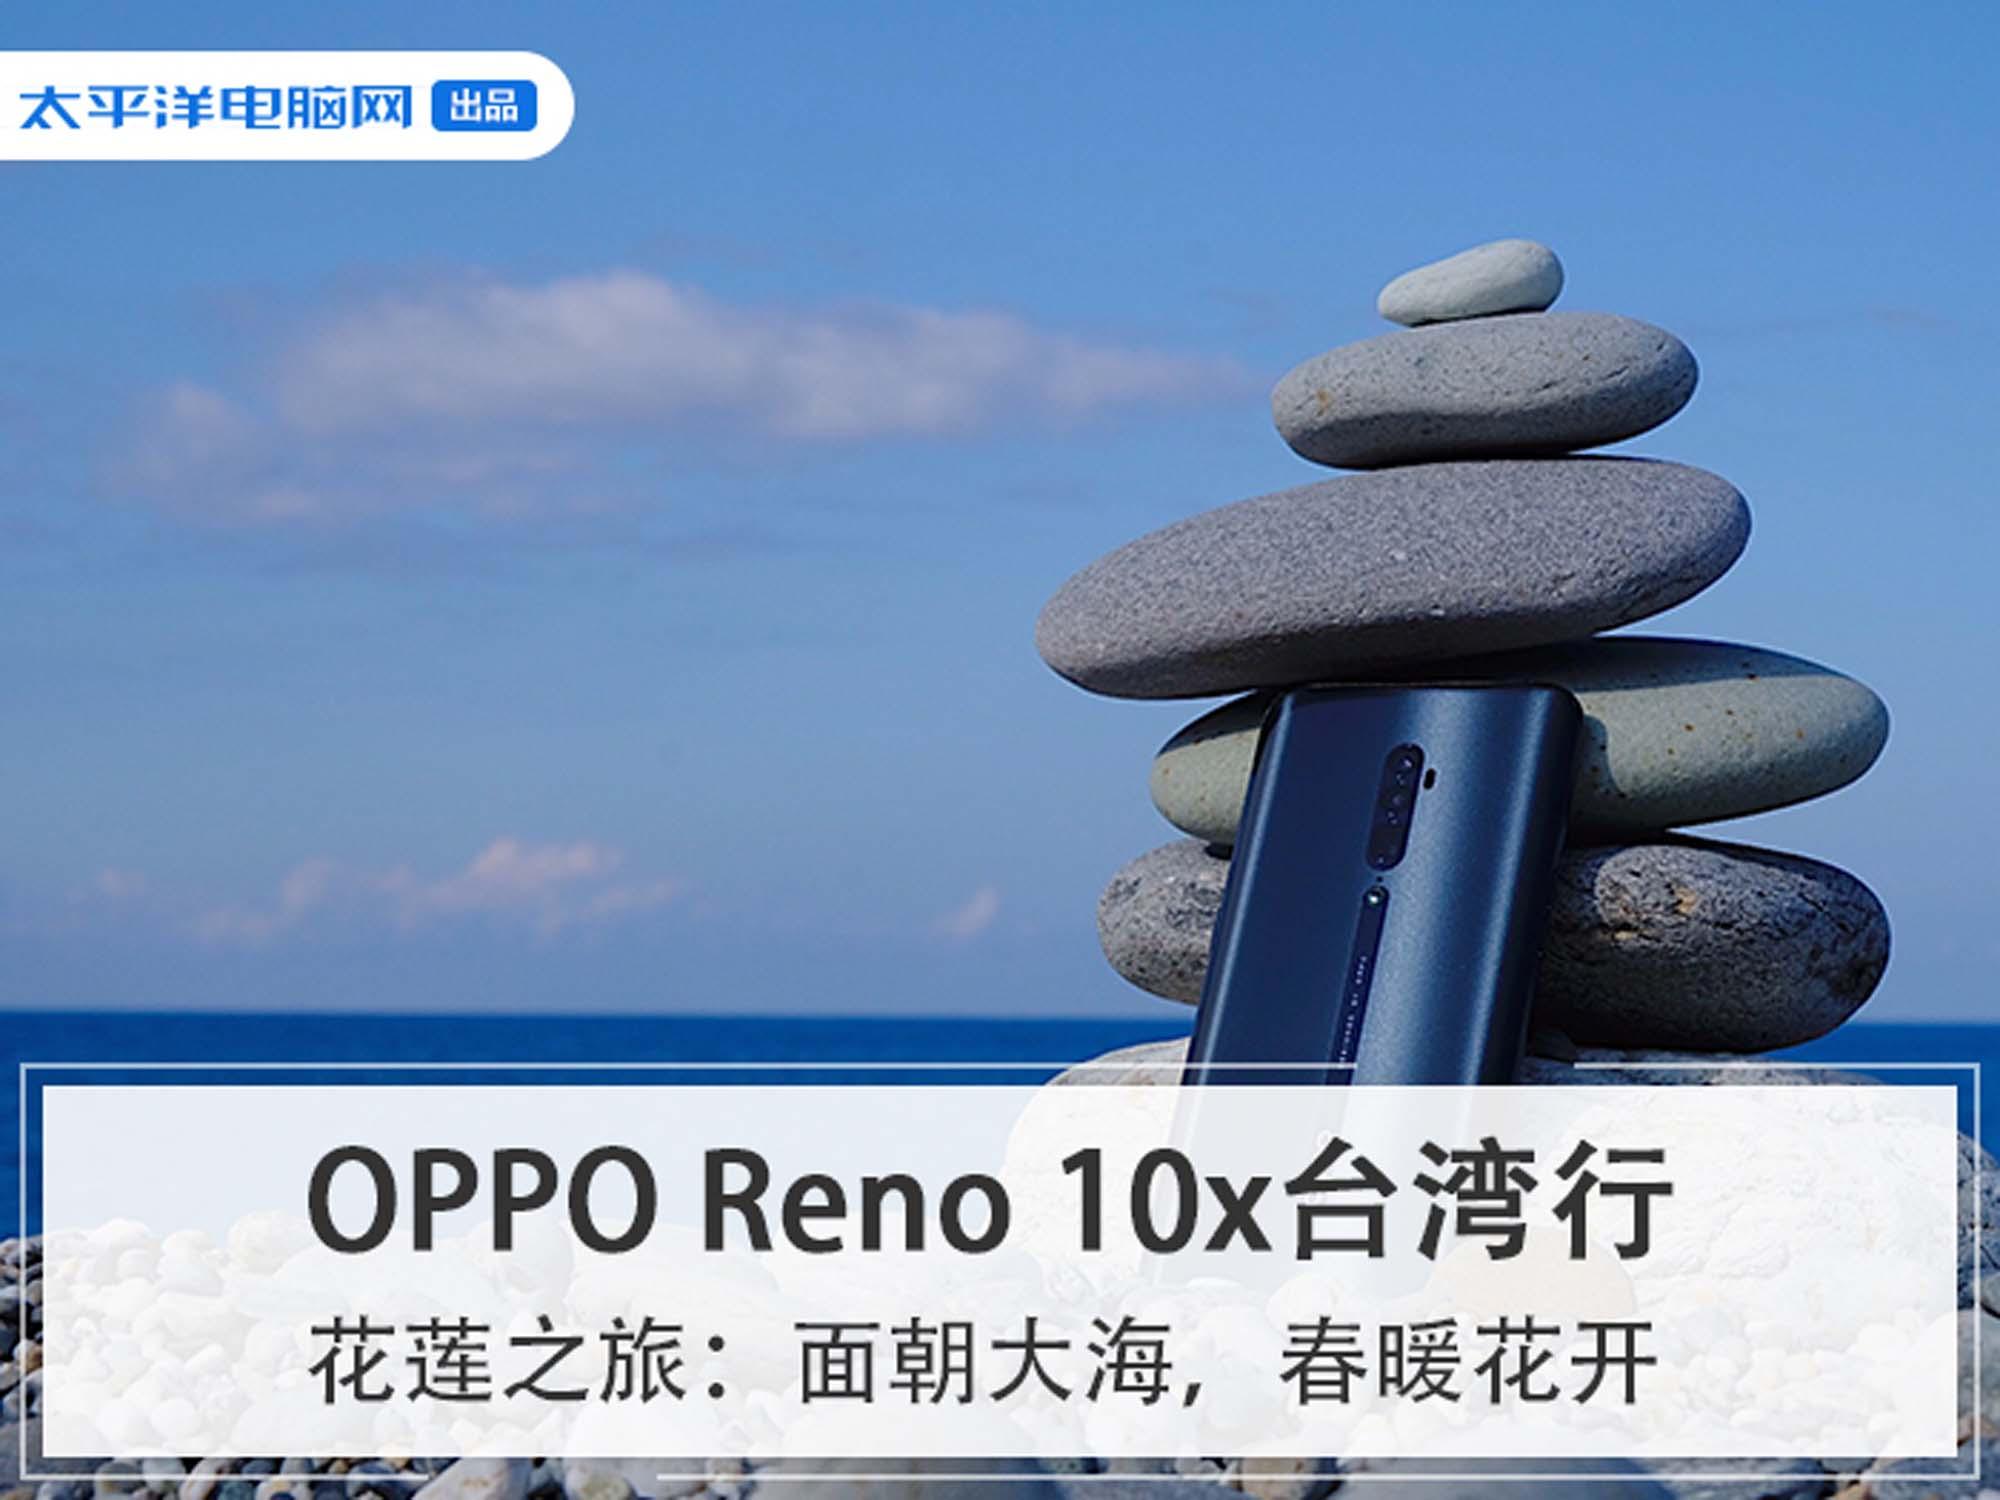 Reno 10x 花莲之旅:面朝大海,春暖花开